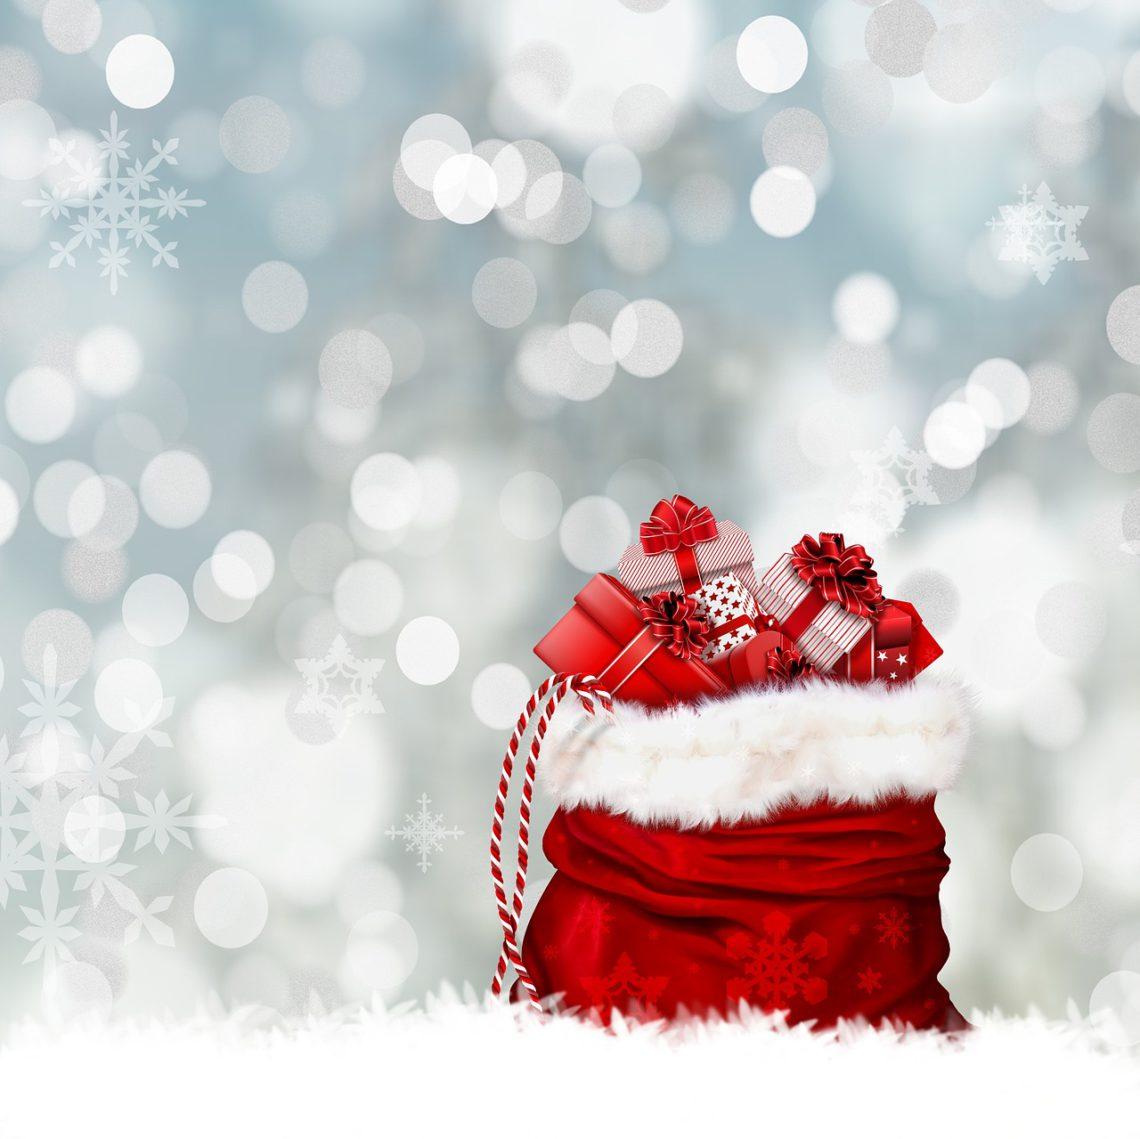 photo of santa sack with toys